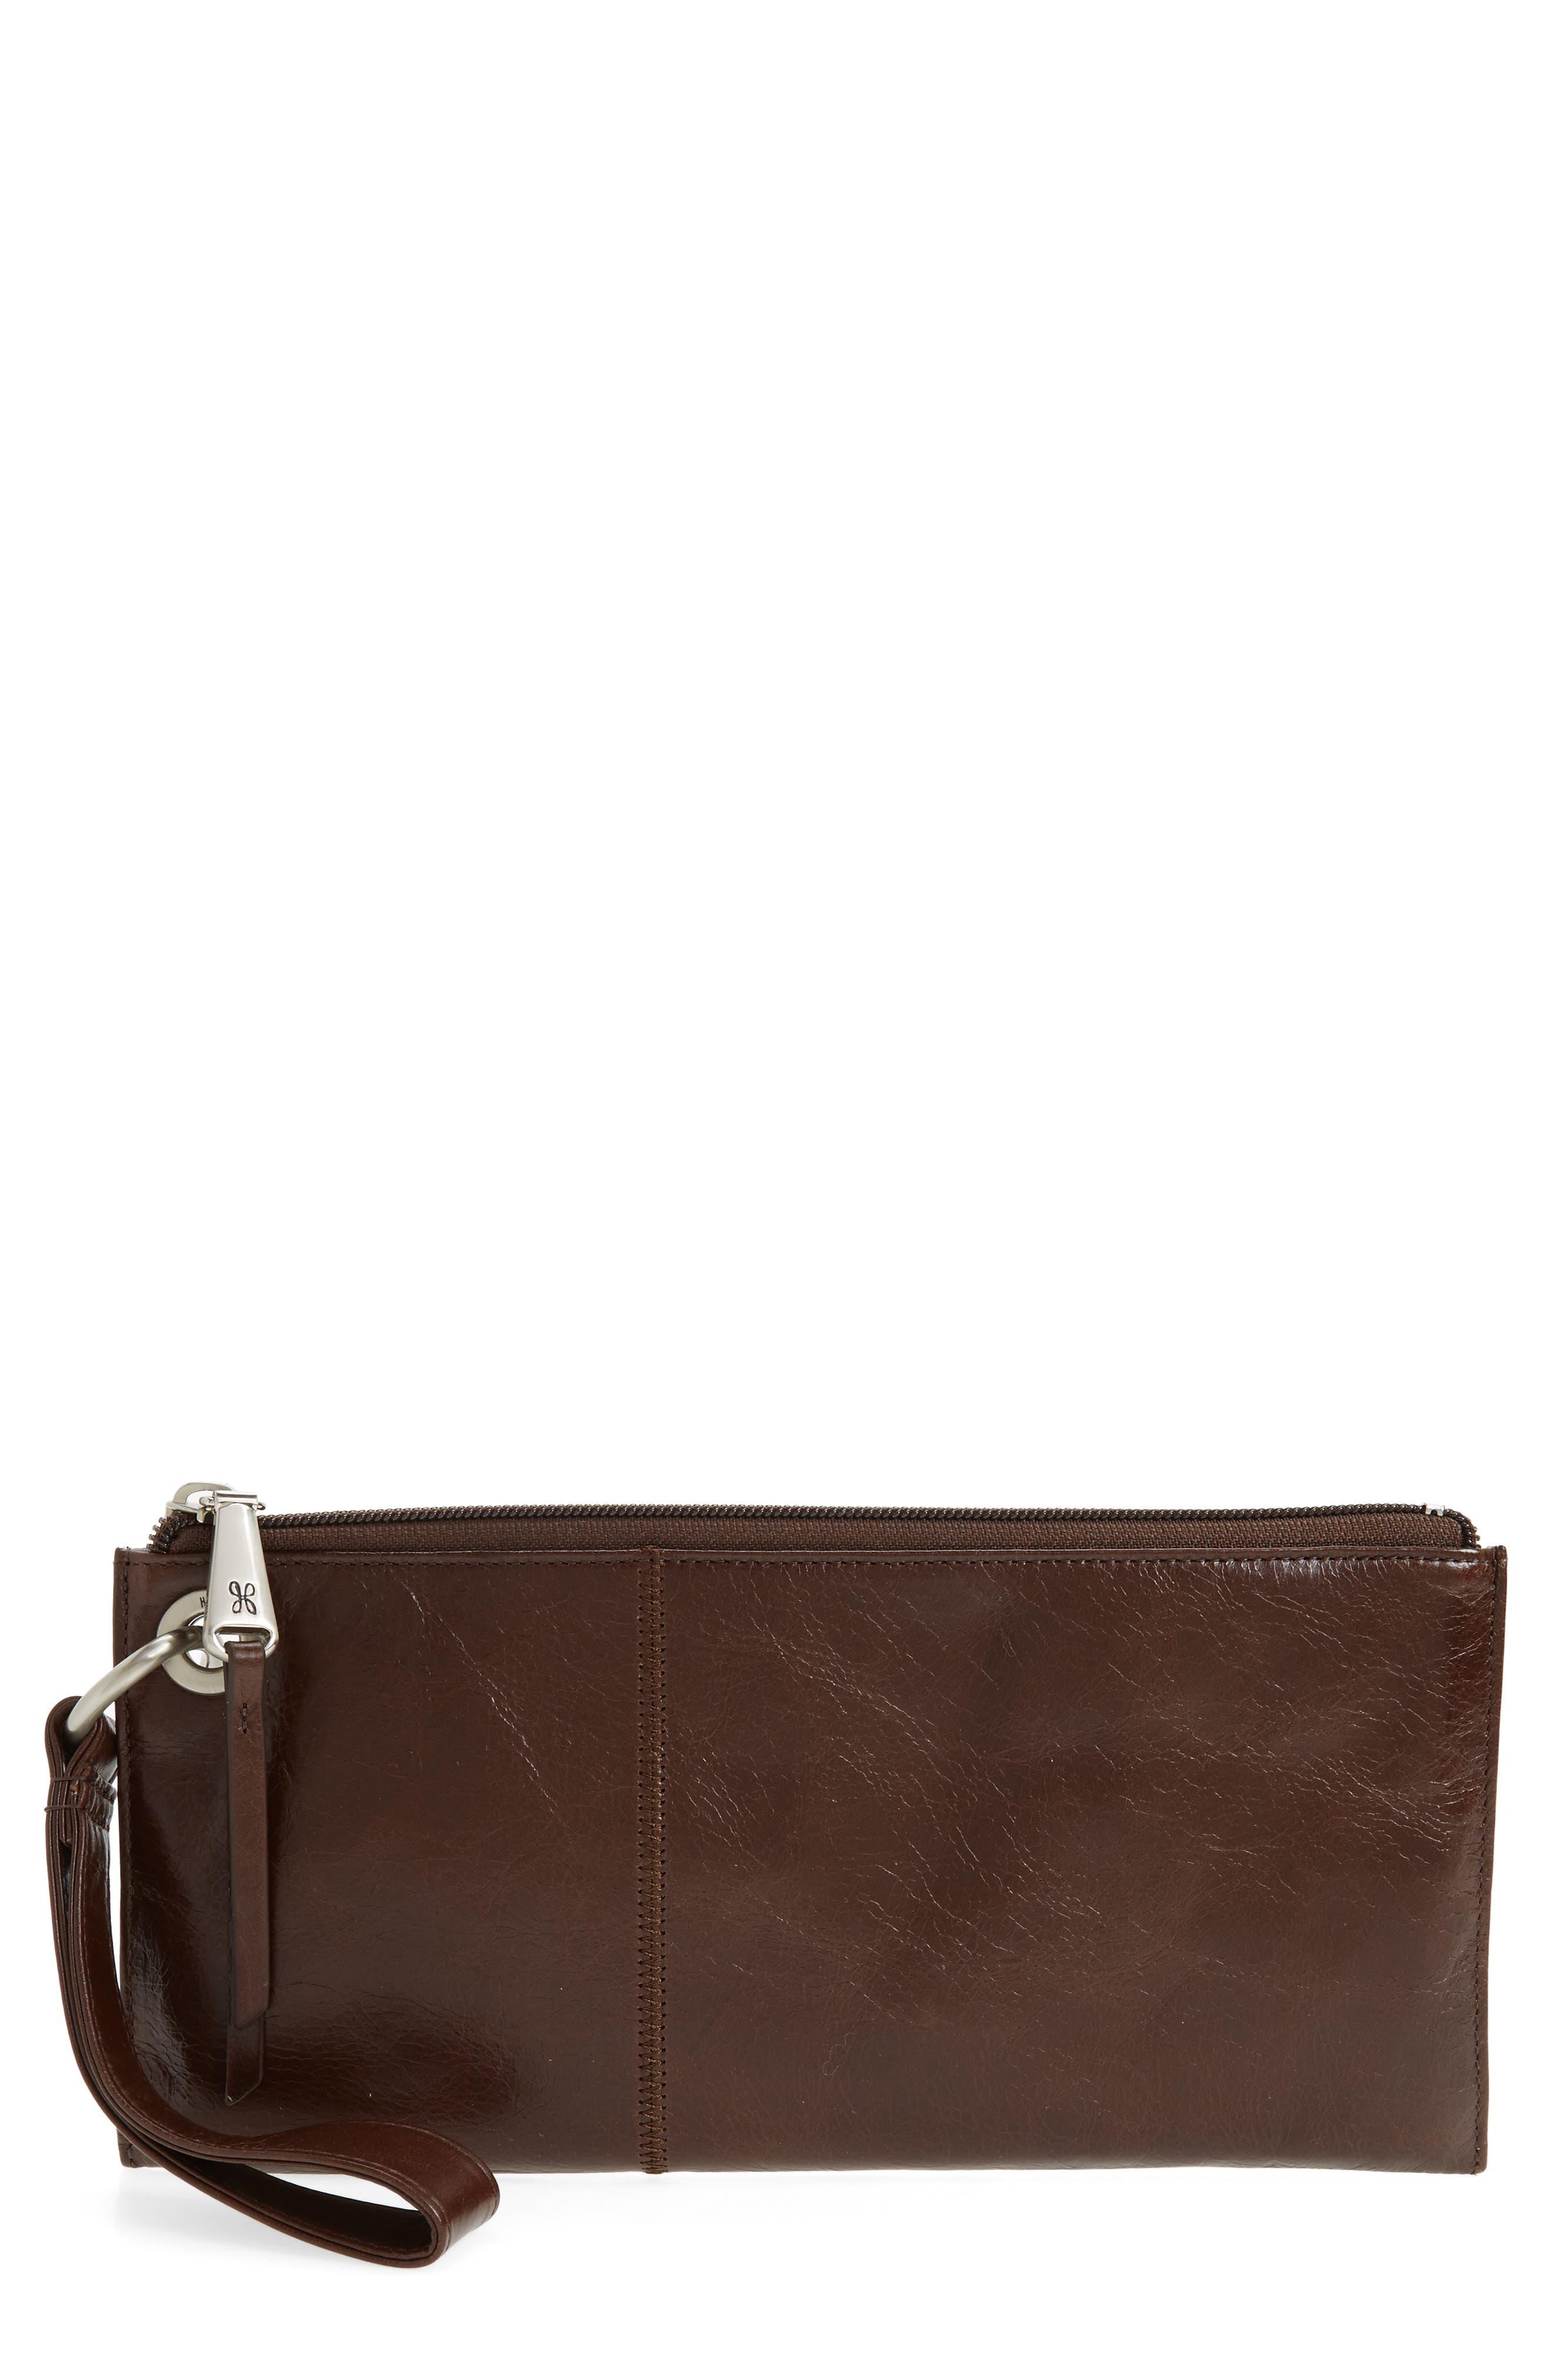 Hobo 'Vida' Leather Clutch